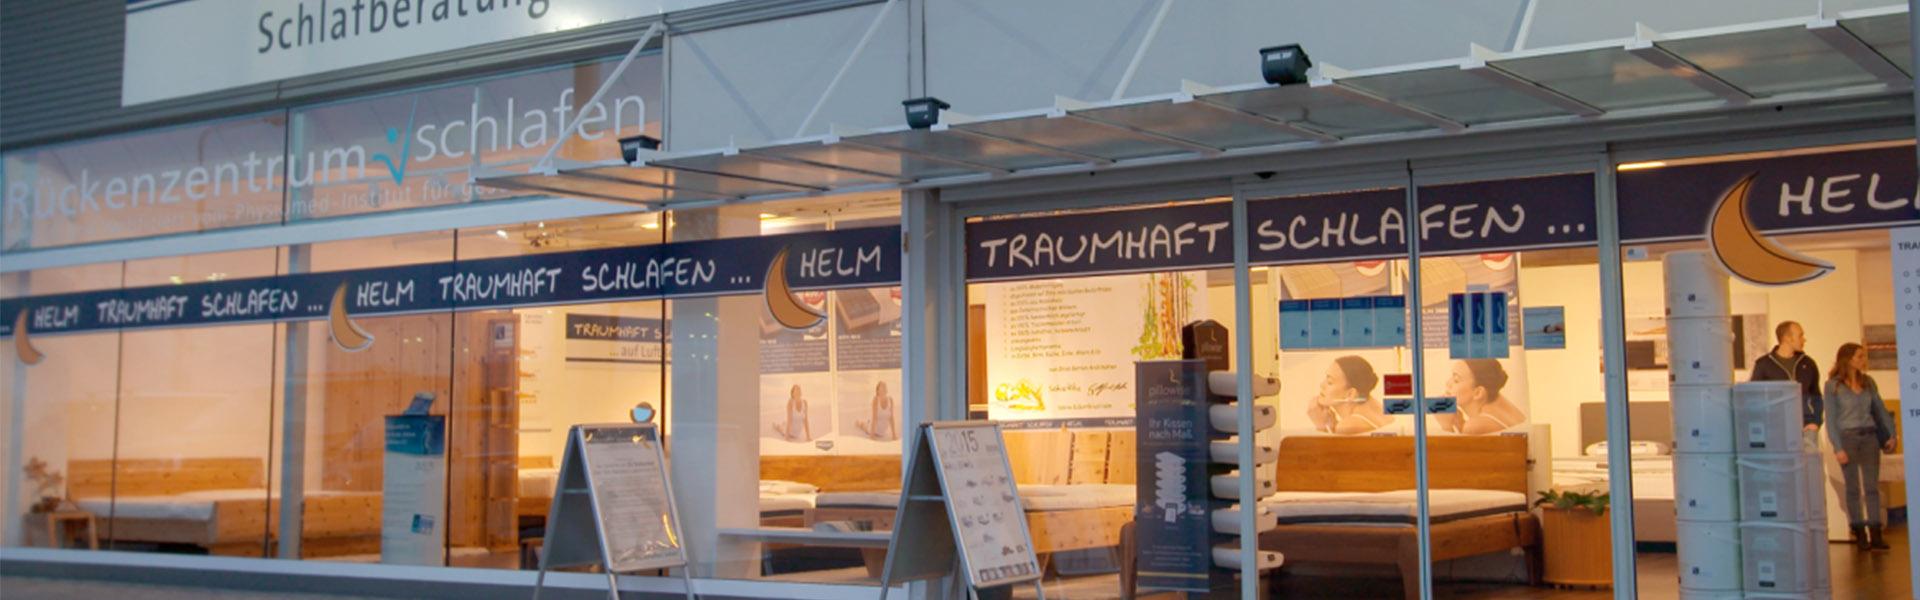 Full Size of Schlafstudio Helm Preise Schlaf Und Bettenstudio In Wien Wohnzimmer Schlafstudio Helm